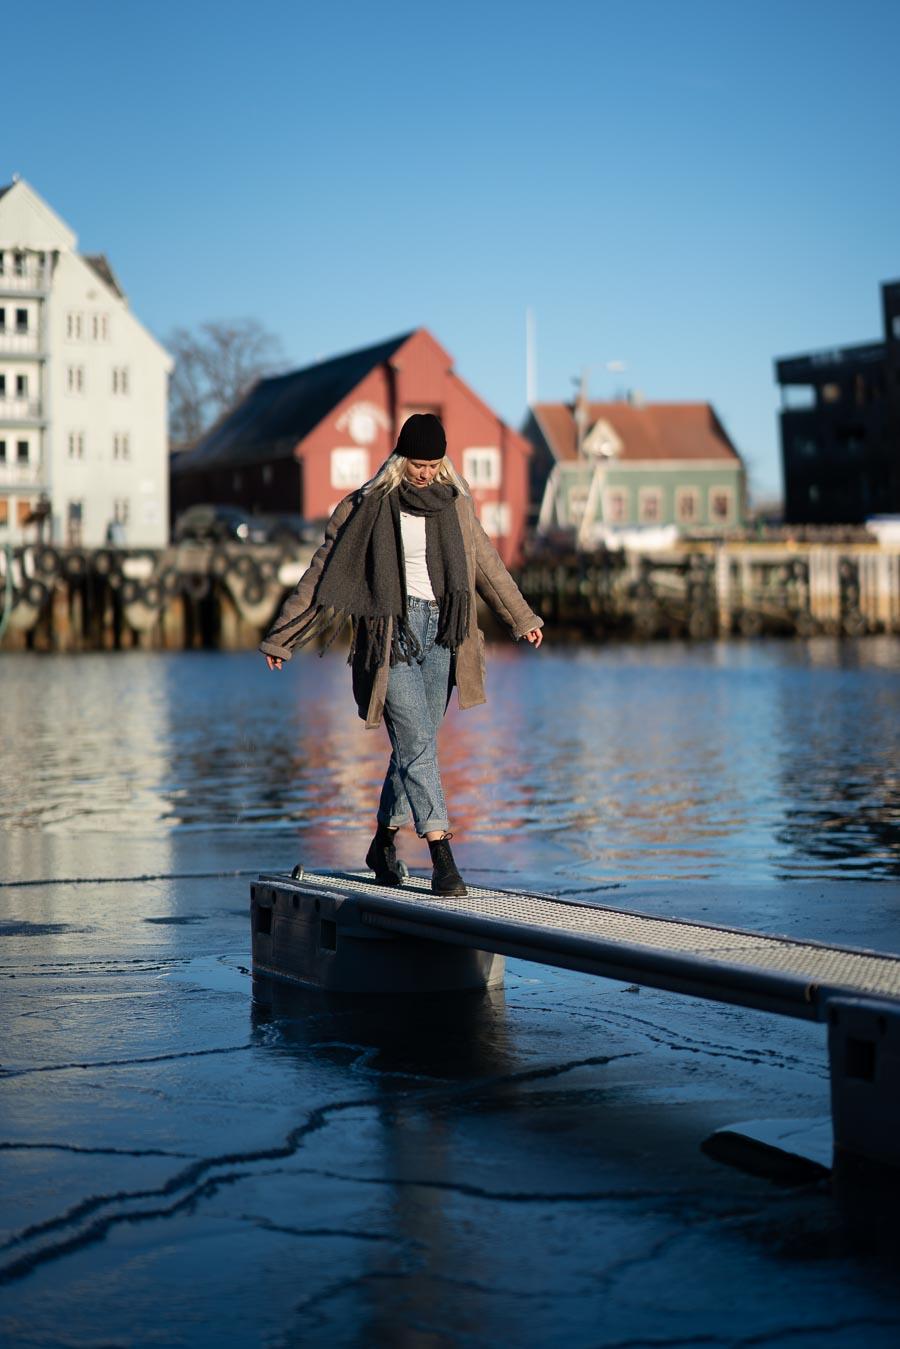 Artisten Dagny balanserer på en kai